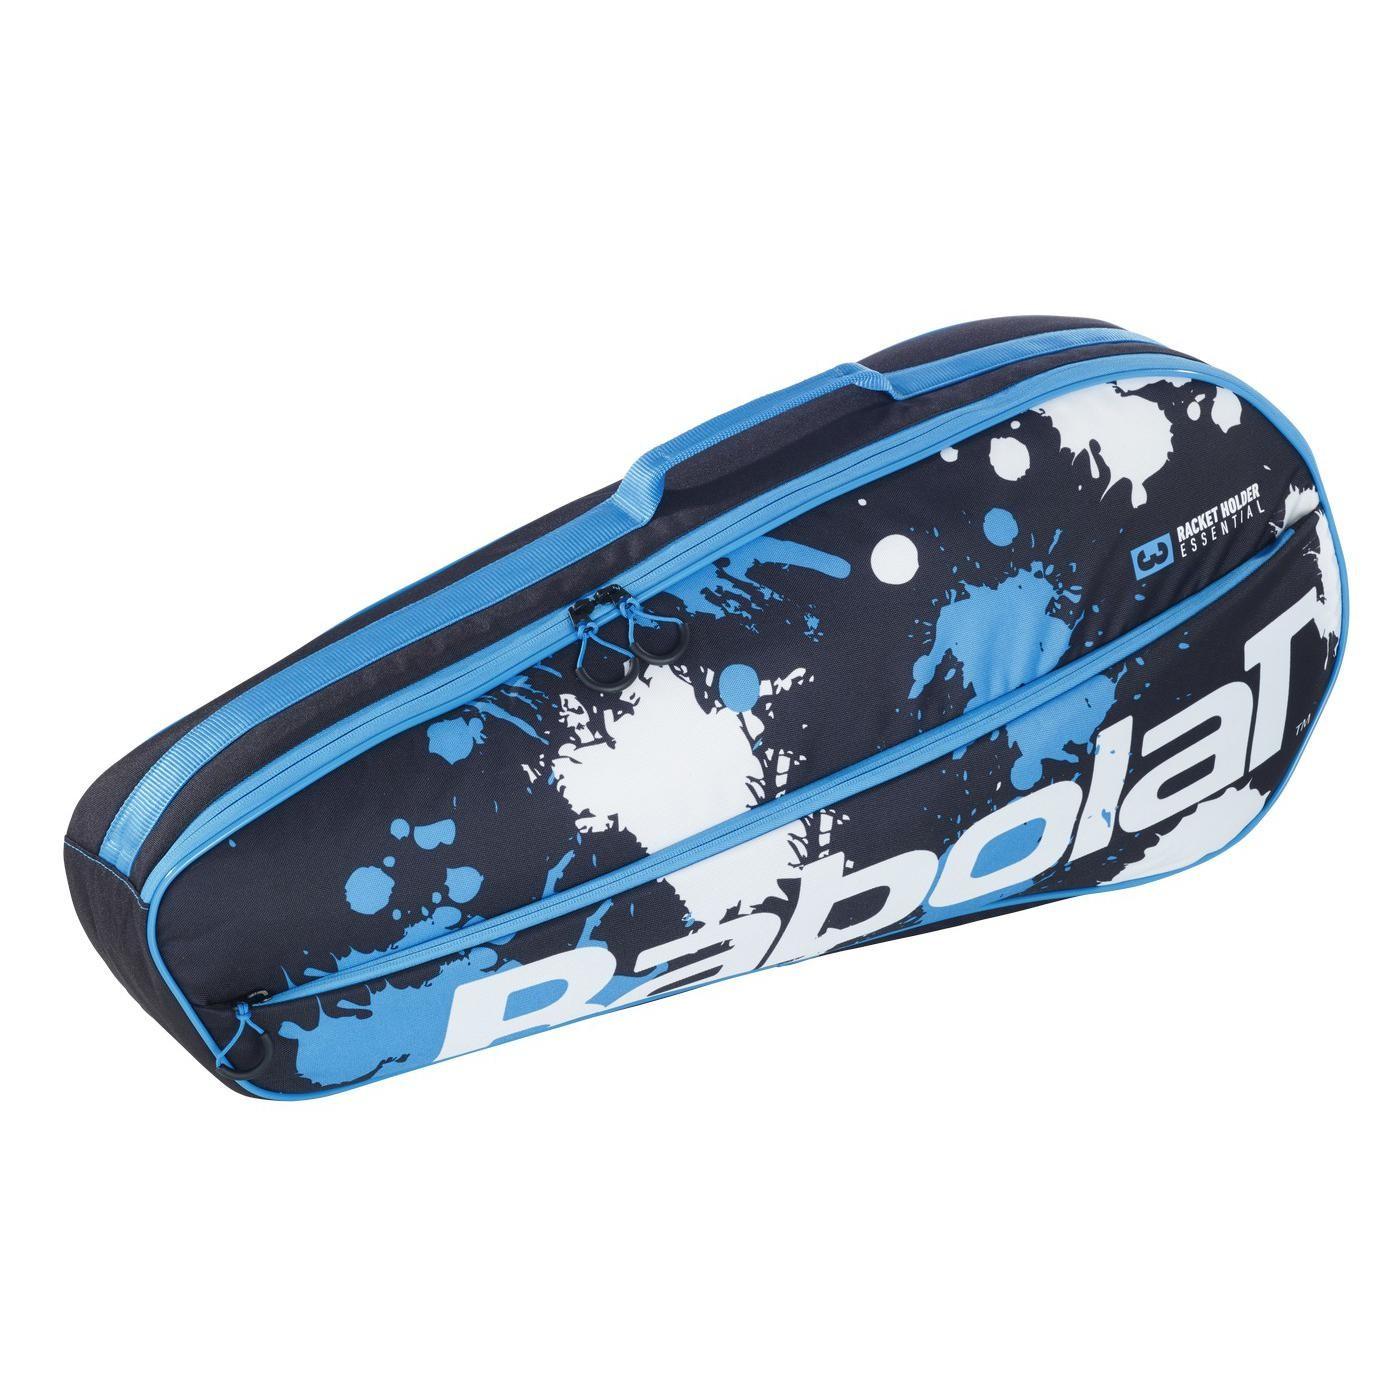 Torba tenisowa Babolat Club x3 Black/Blue